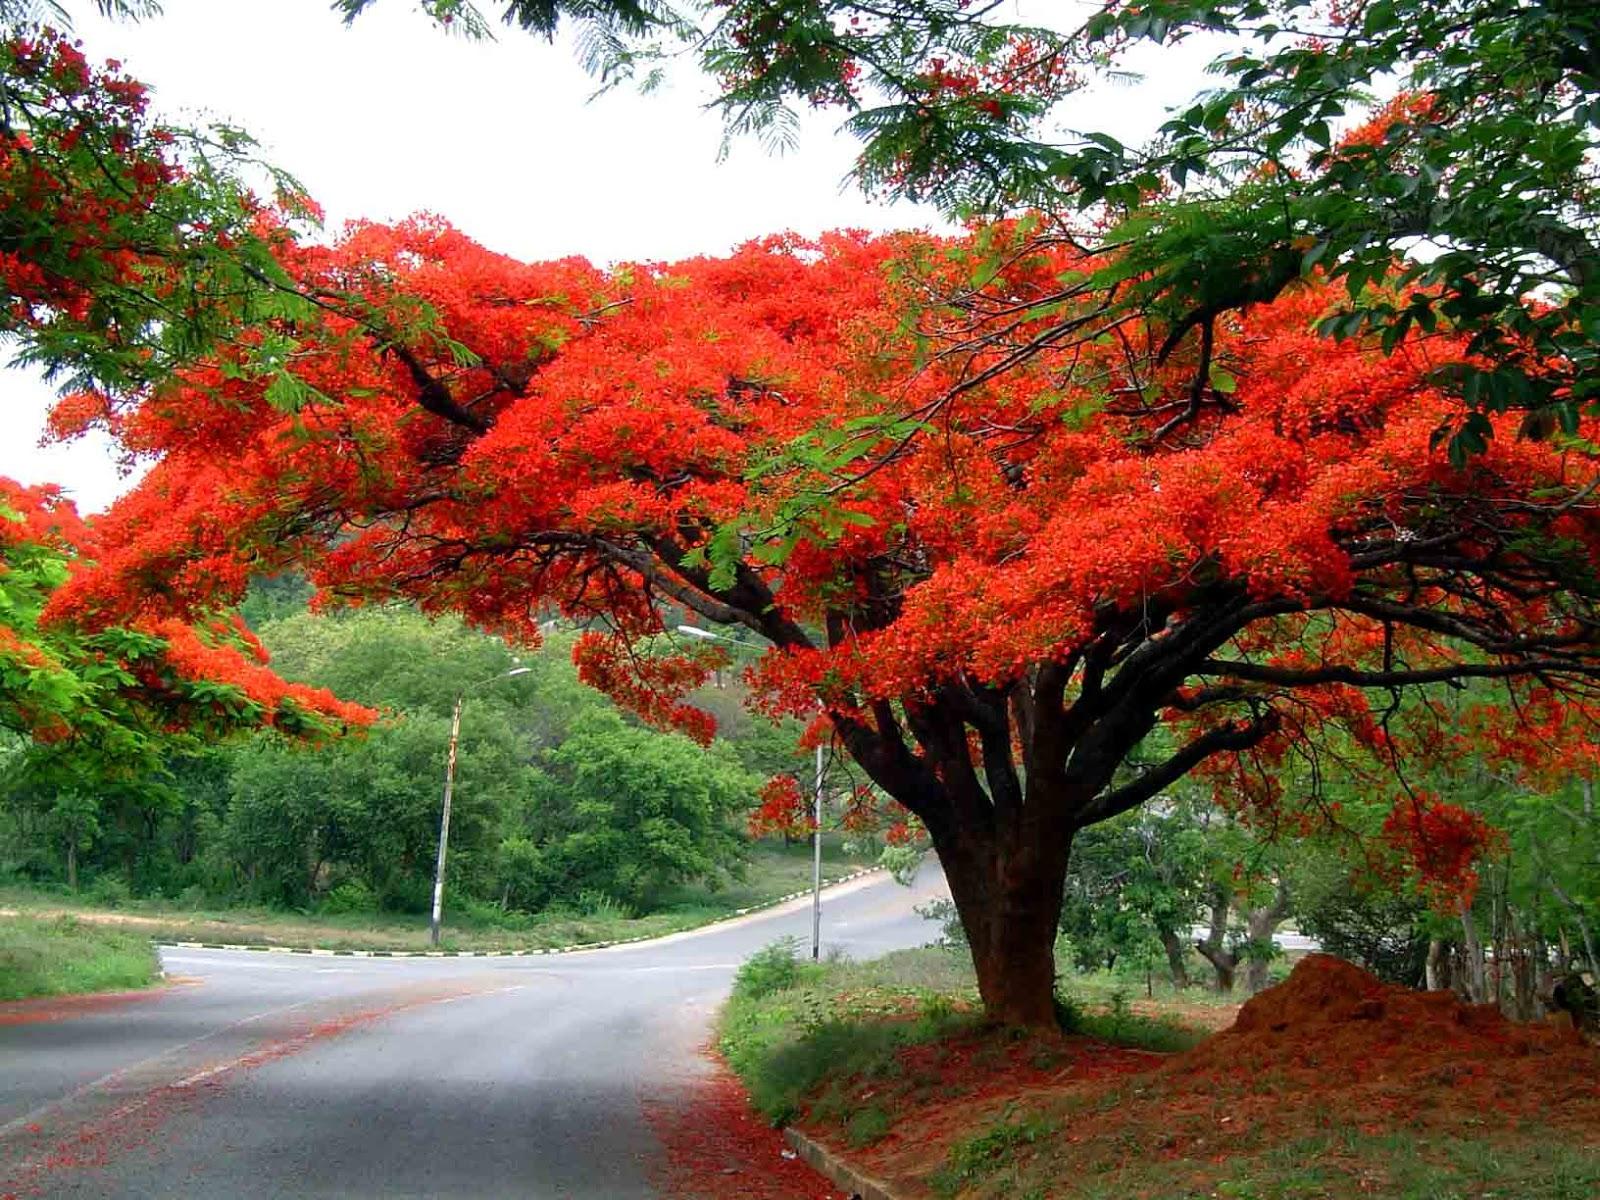 Hình ảnh cây hoa phượng đỏ nở rộ như cây nấm linh chi